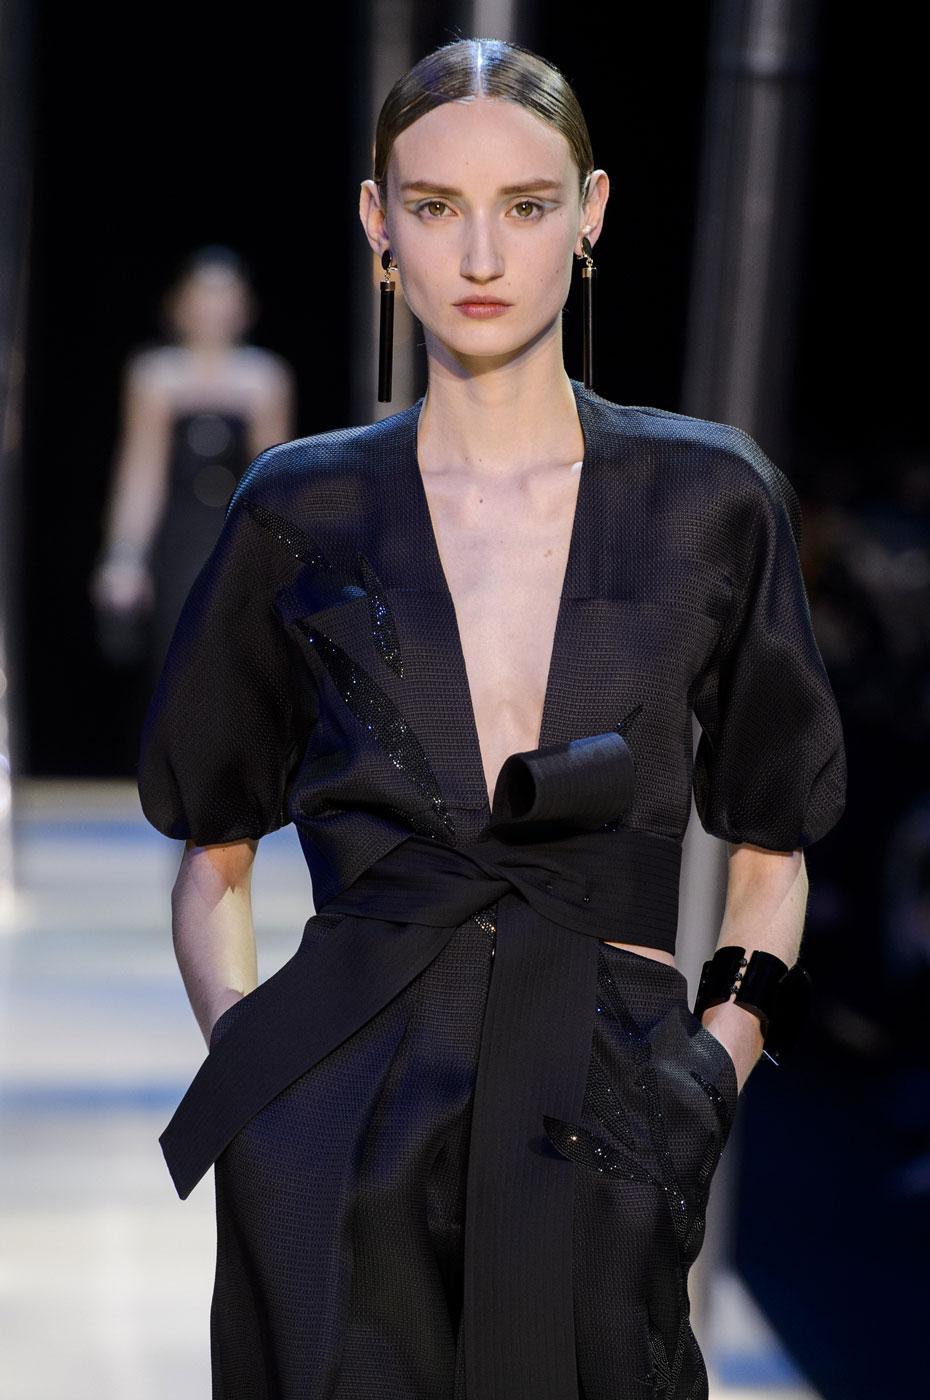 Giorgio-armani-Prive-fashion-runway-show-haute-couture-paris-spring-2015-the-impression-098